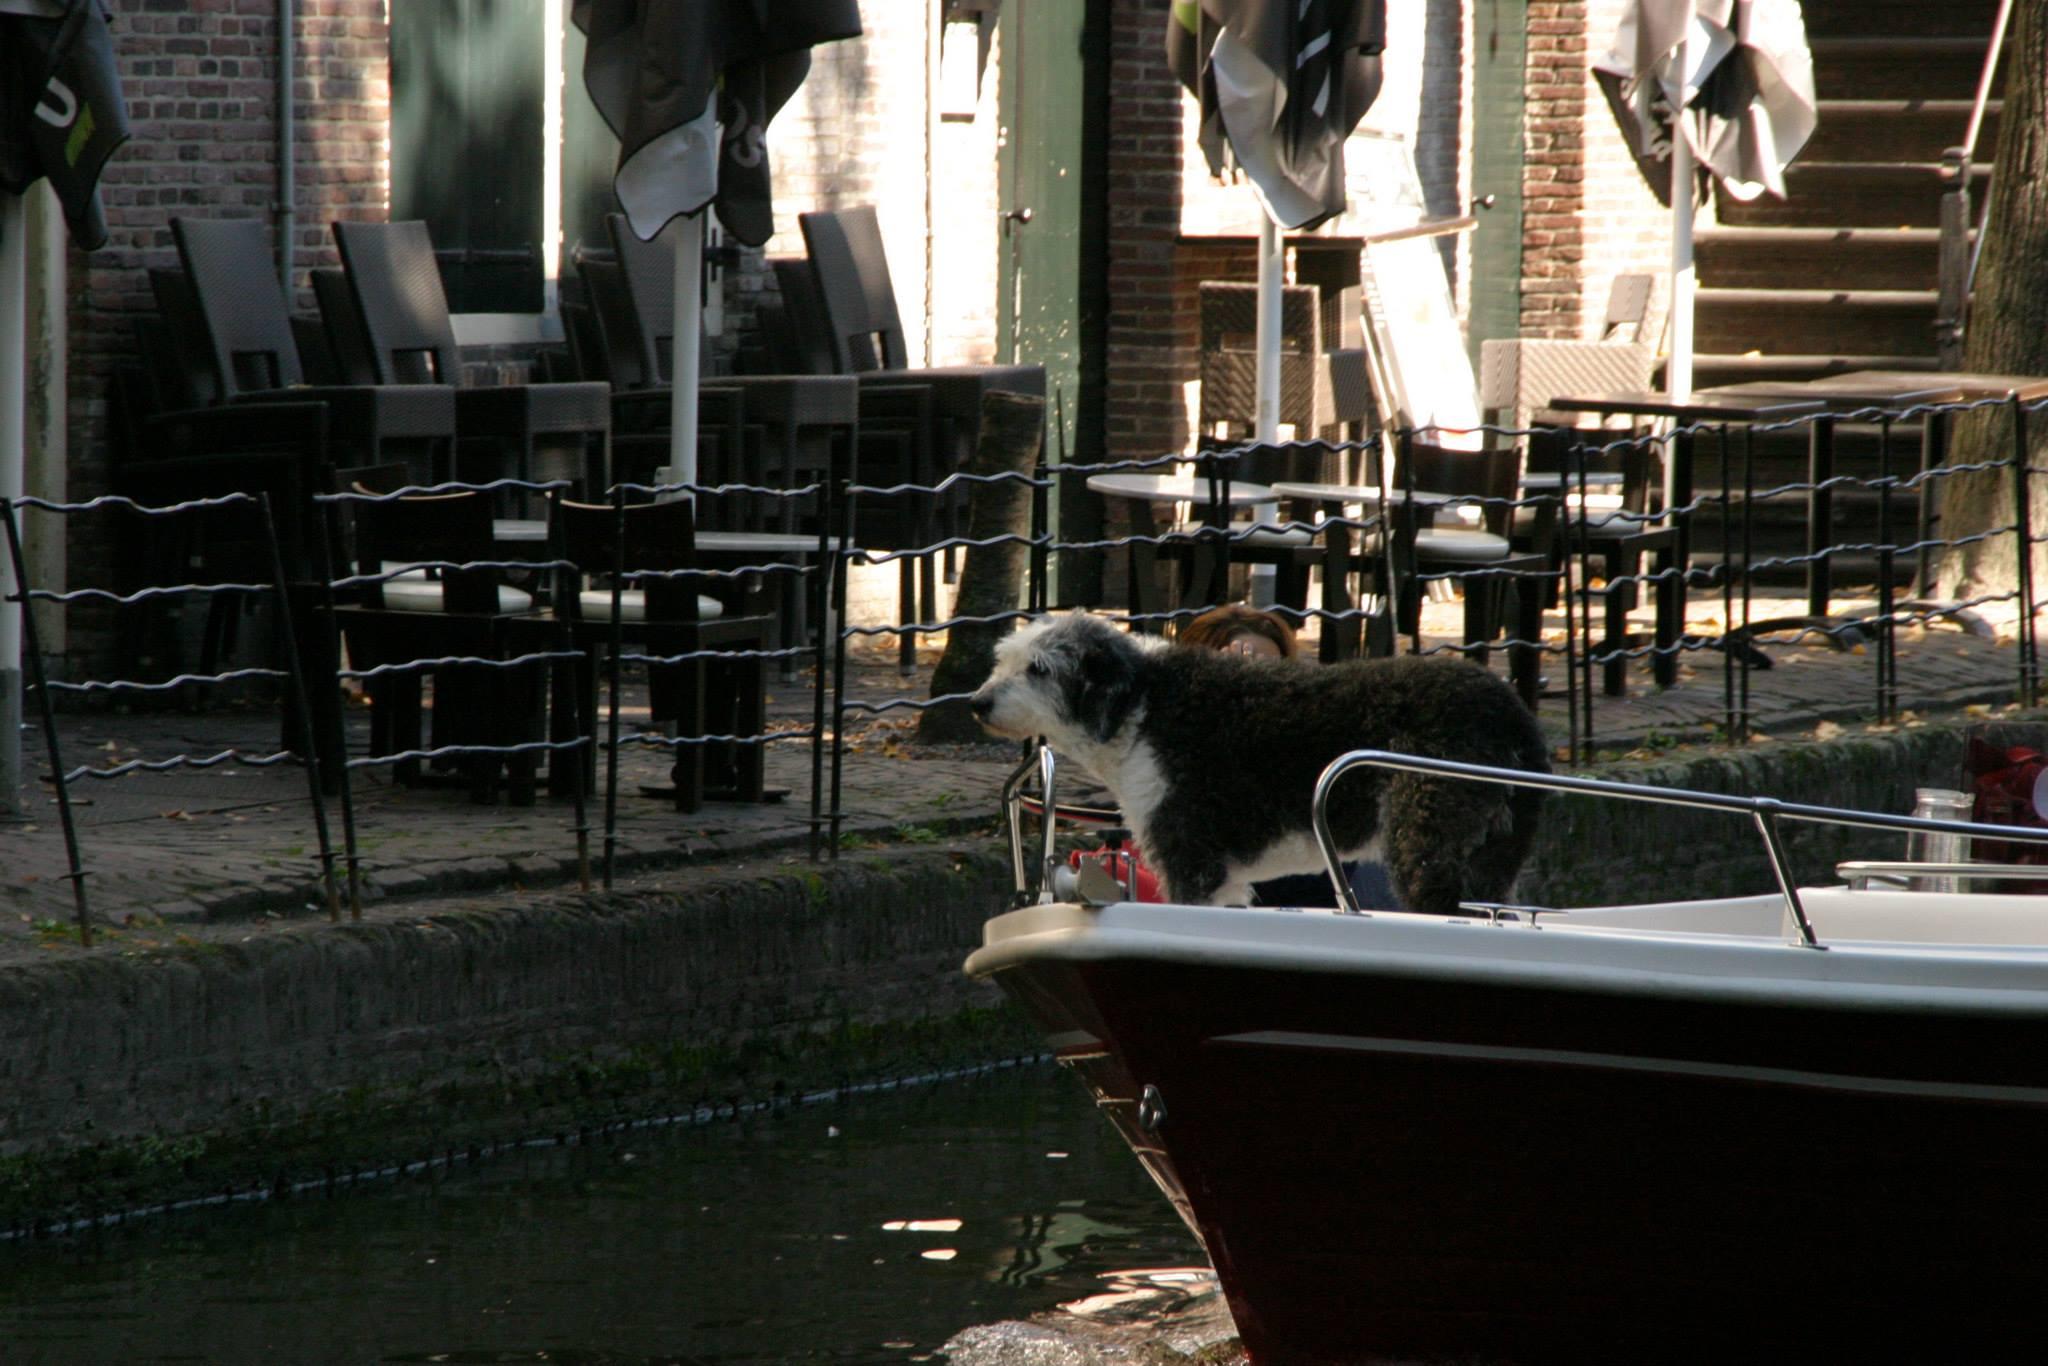 Dog on boatr